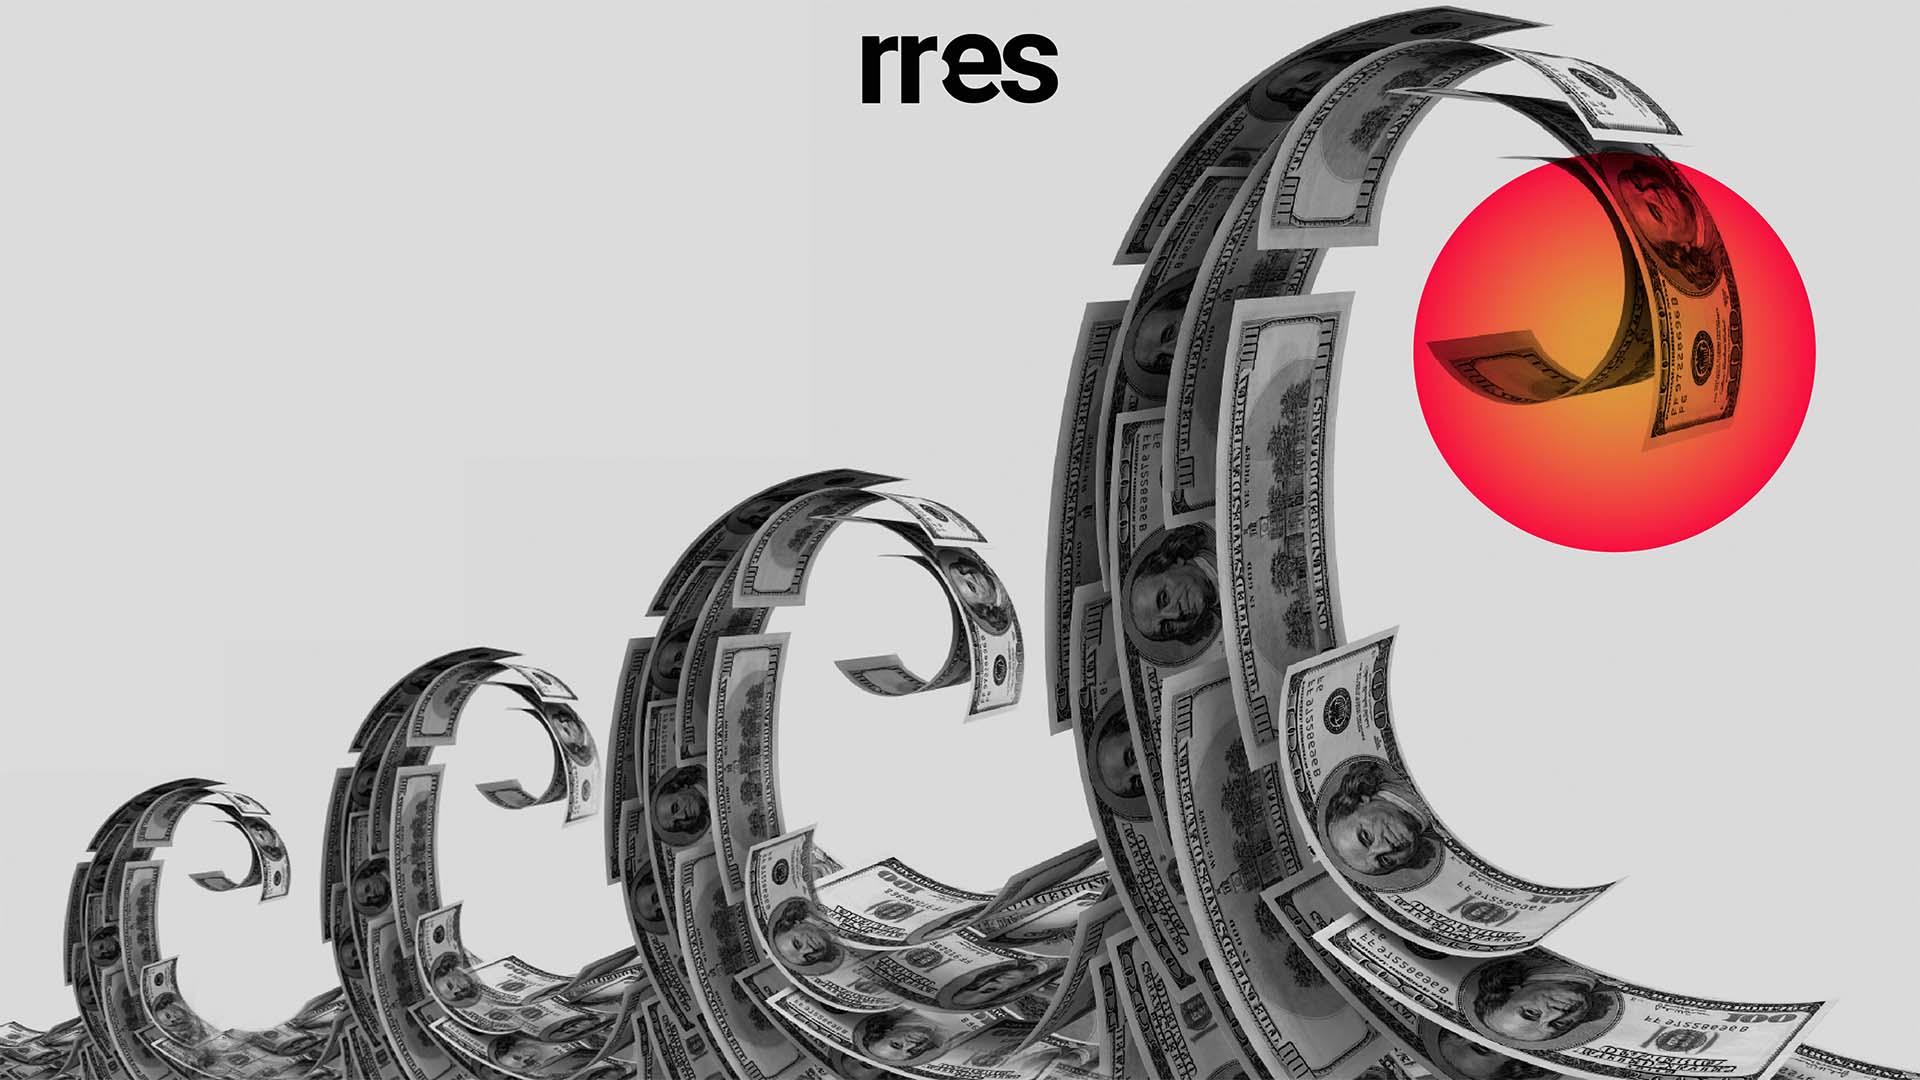 ¿Cuánto más subirá el precio dólar?, por Víctor Álvarez R.